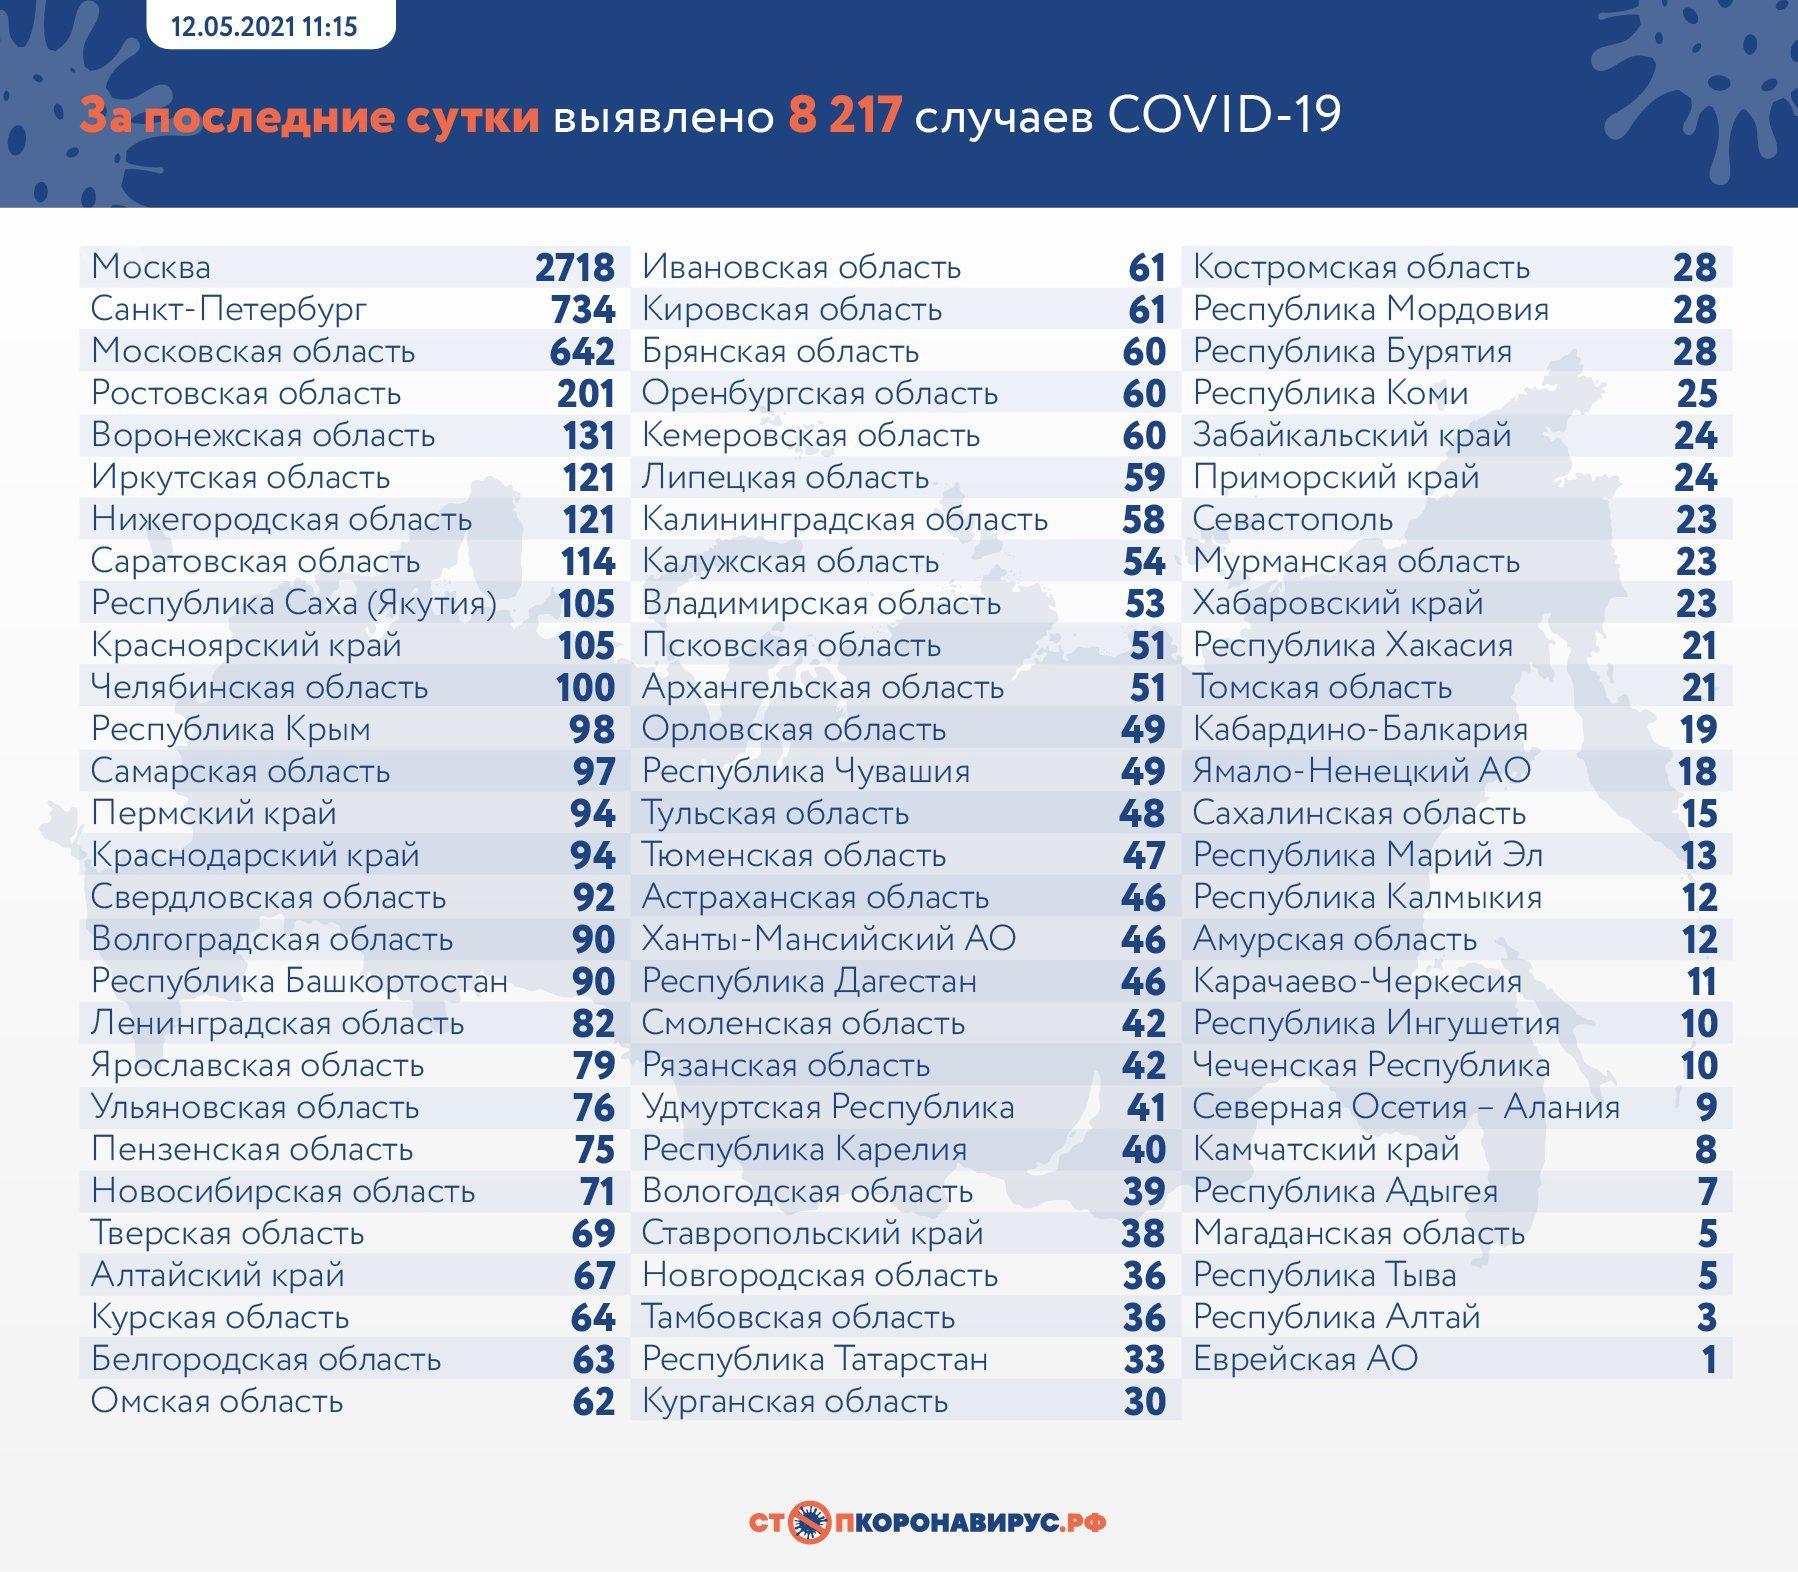 фото 355 человек скончались от коронавируса в России за сутки 2